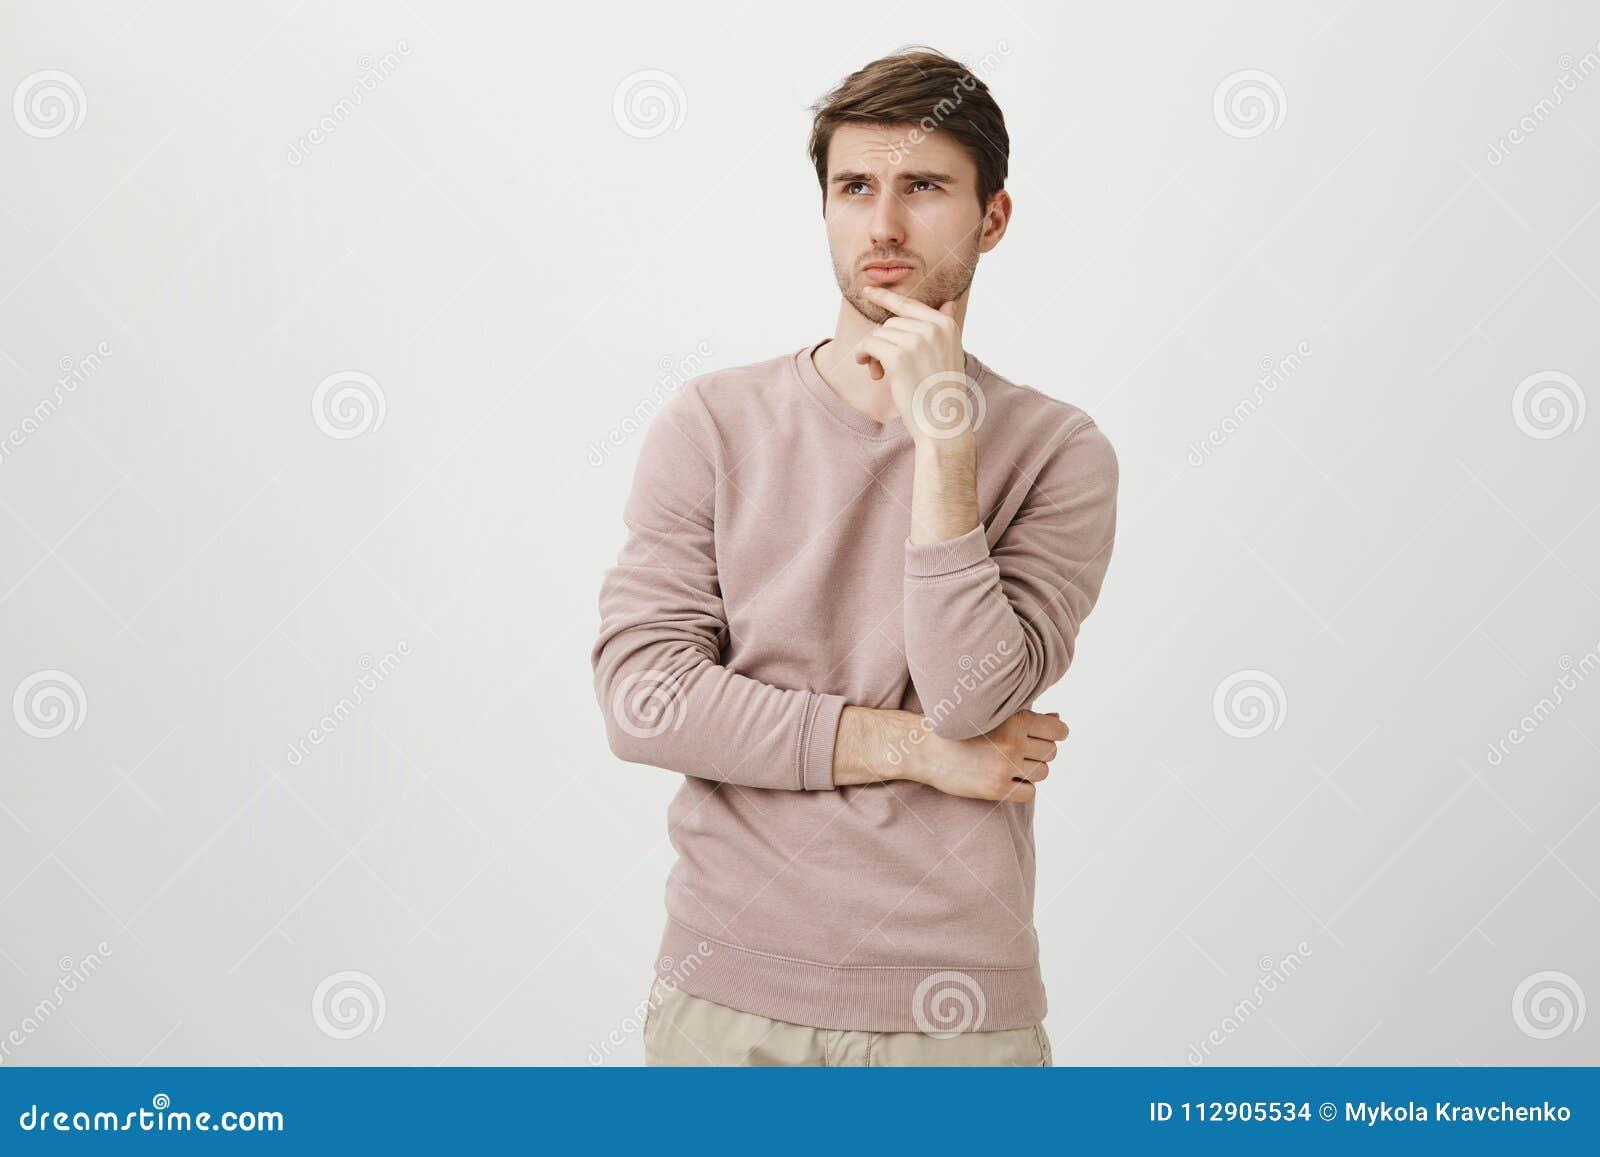 Portret van de aantrekkelijke jonge mens met varkenshaar die omhoog terwijl wat betreft kin en over iets denken eruit zien, die z